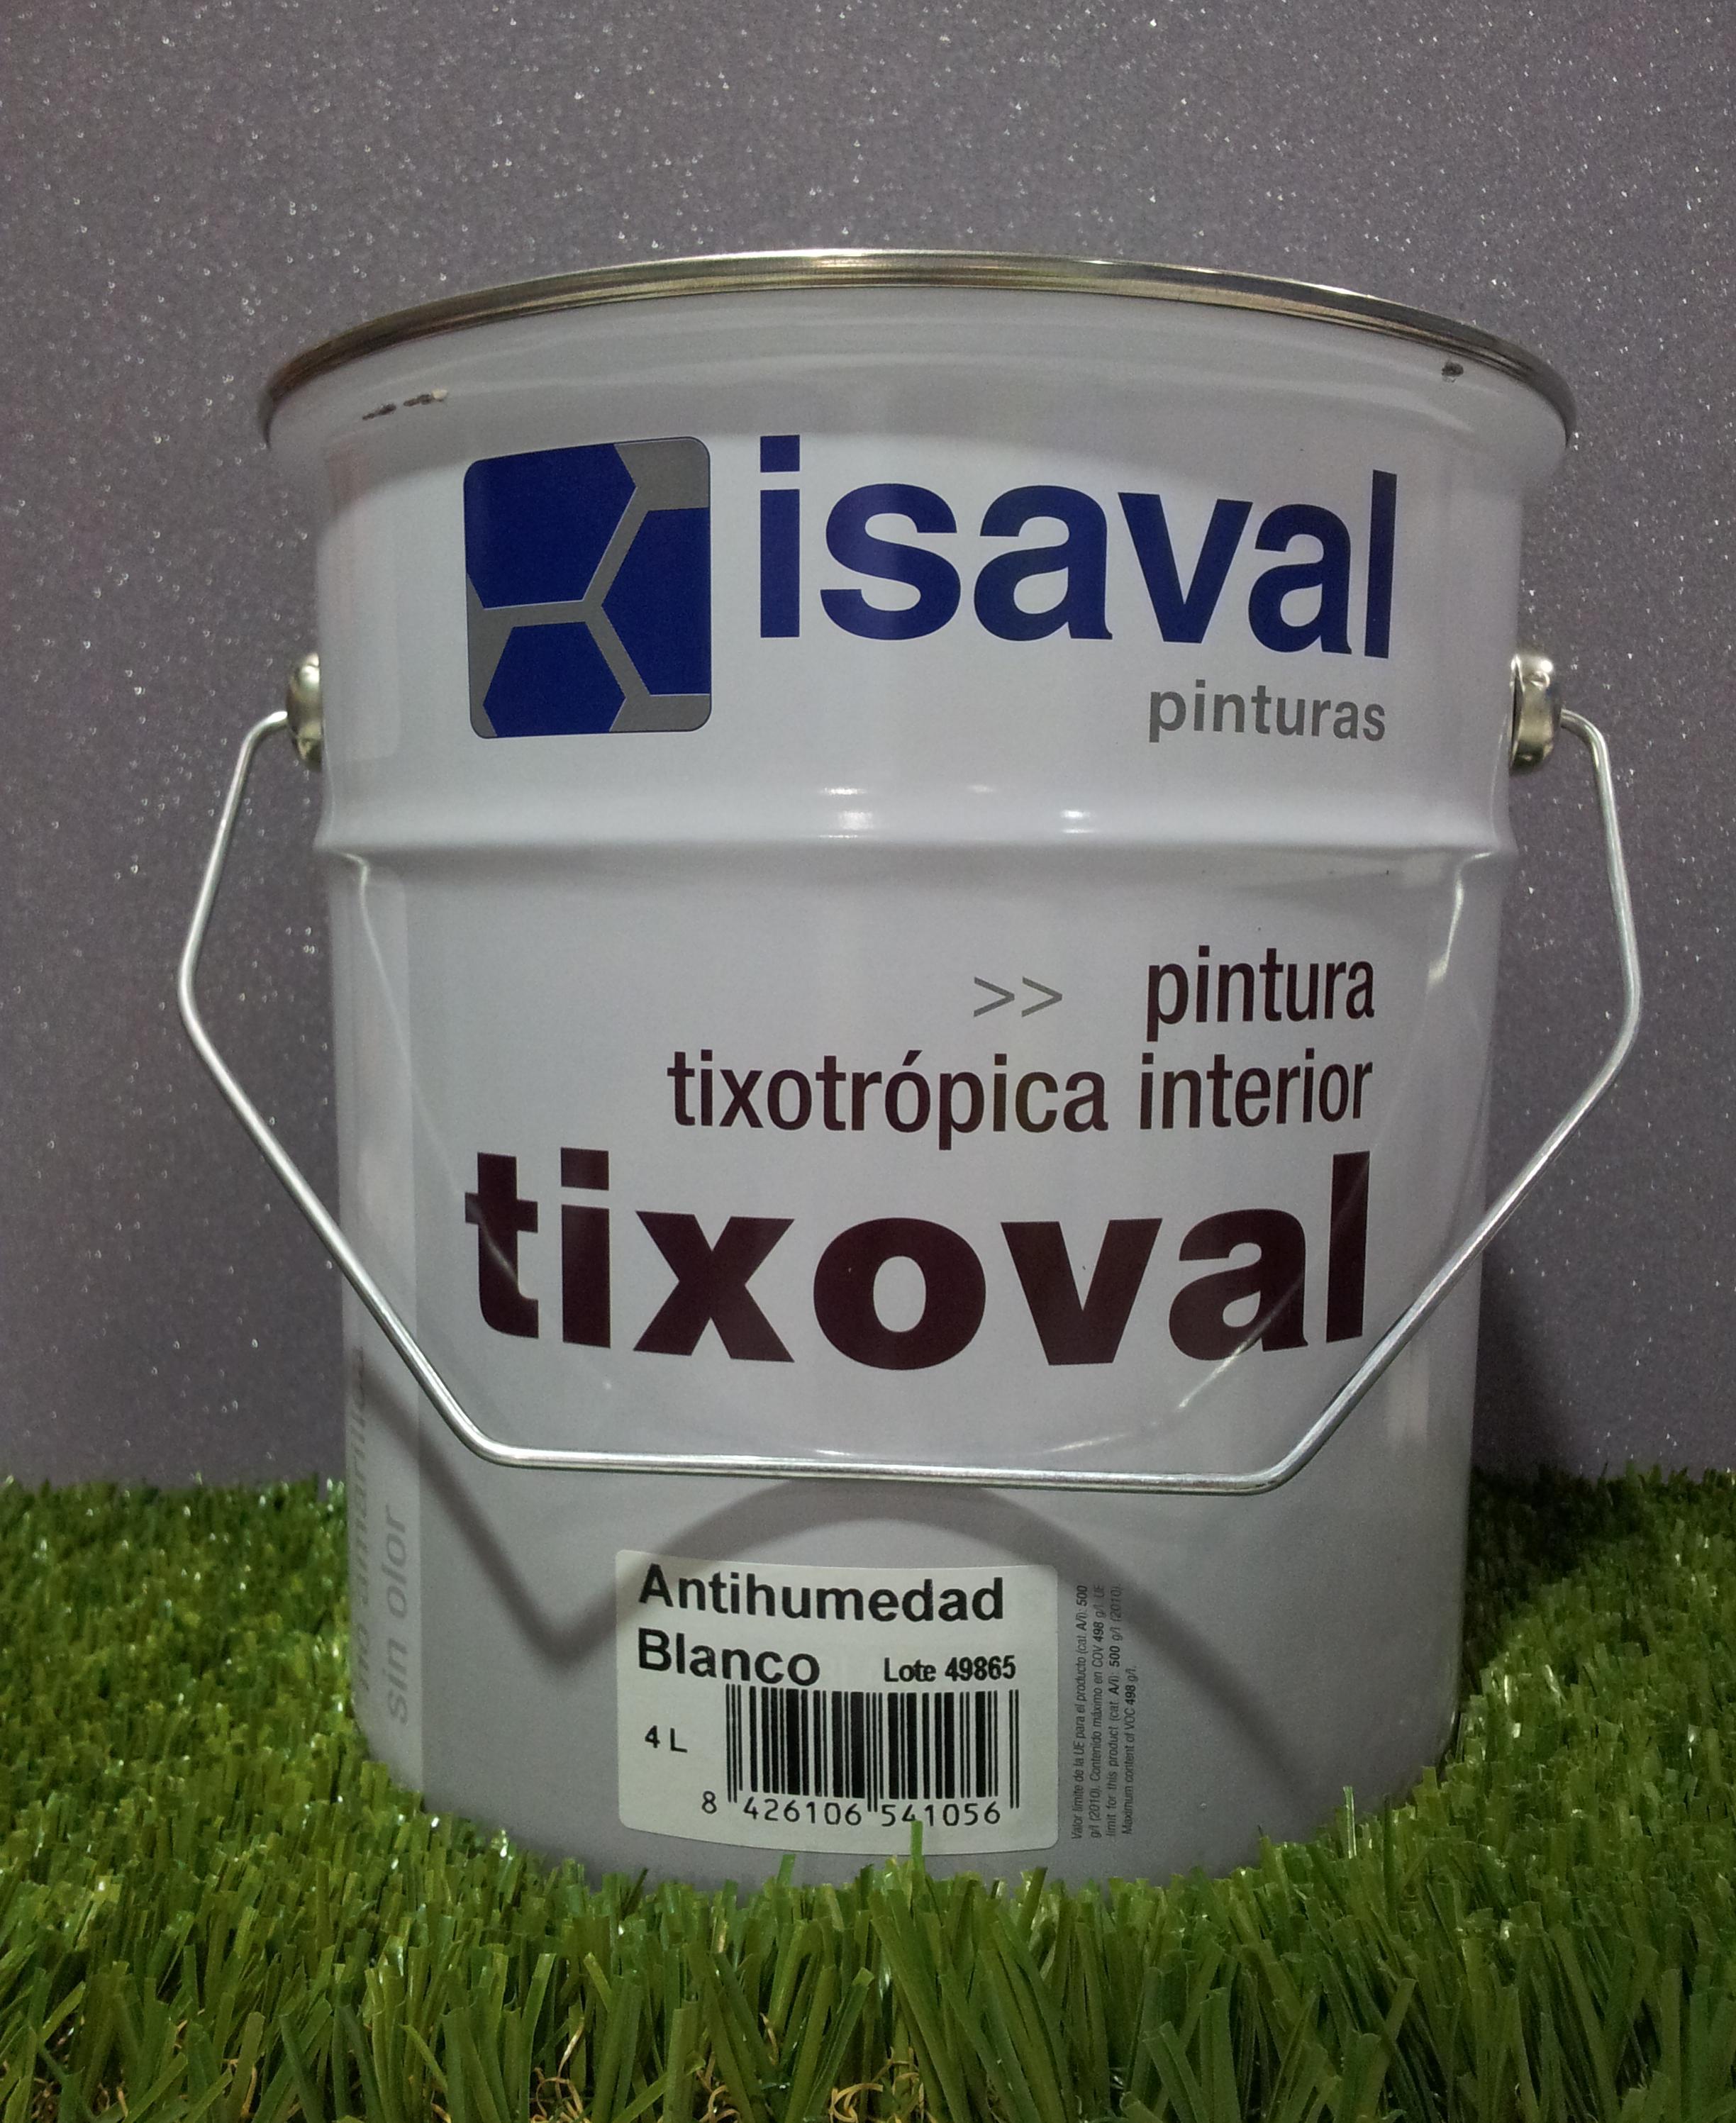 Tixoval Antihumedad ISAVAL